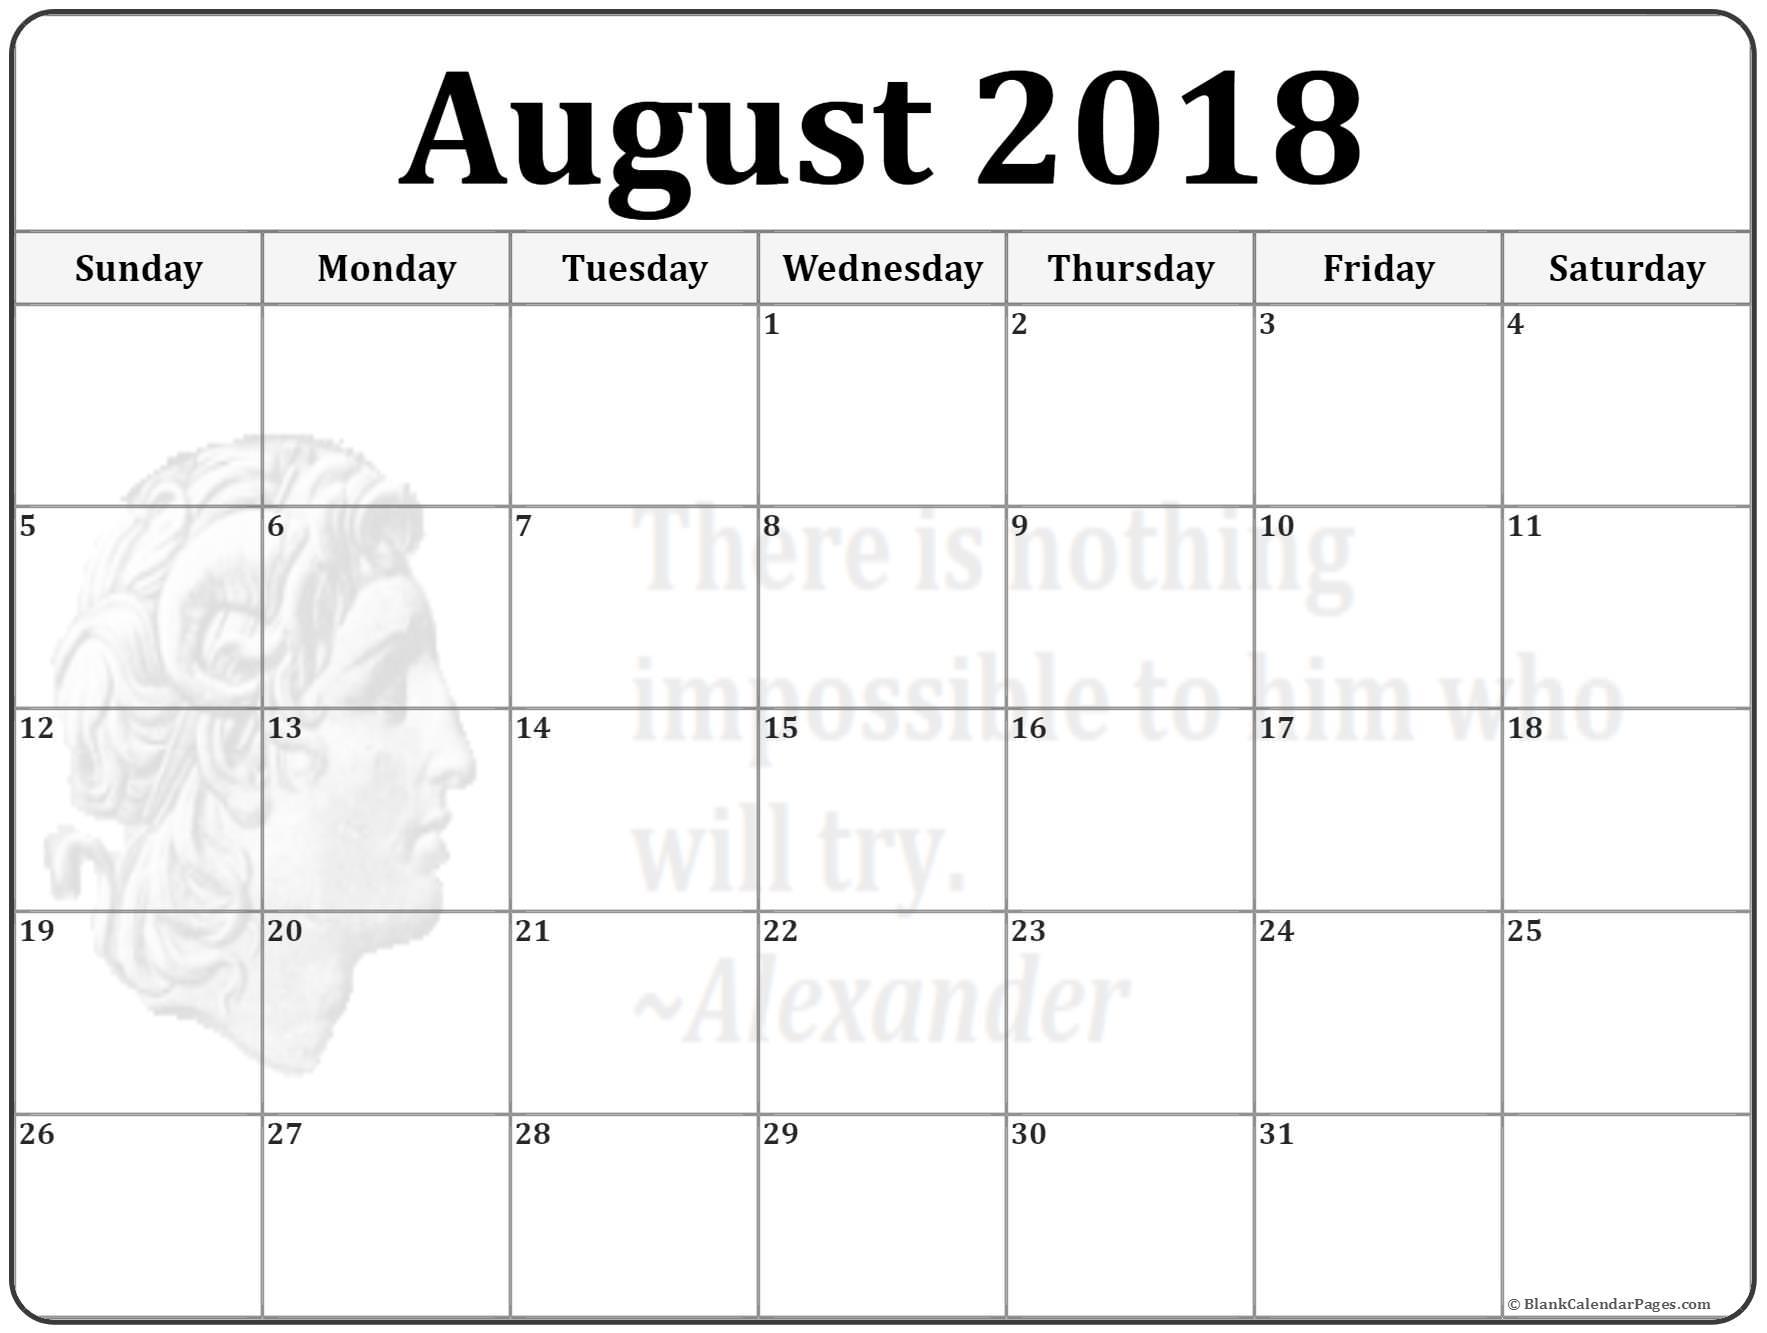 August 2018 New Zealand Calendar